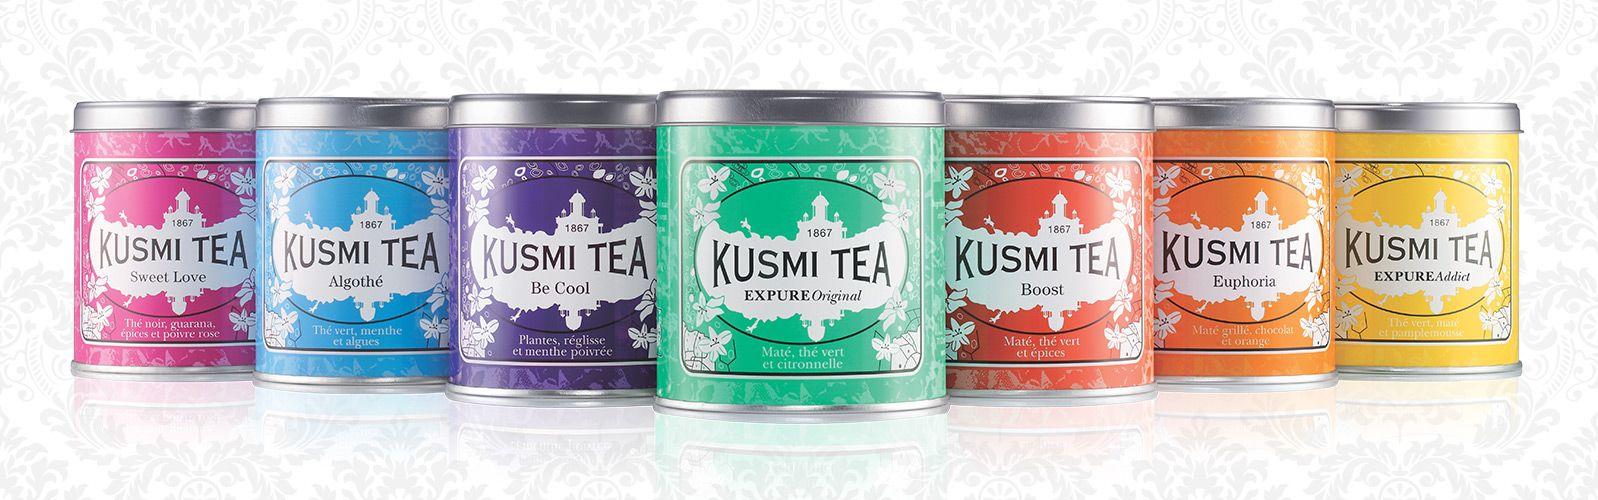 KUSMI TEA Teehaus